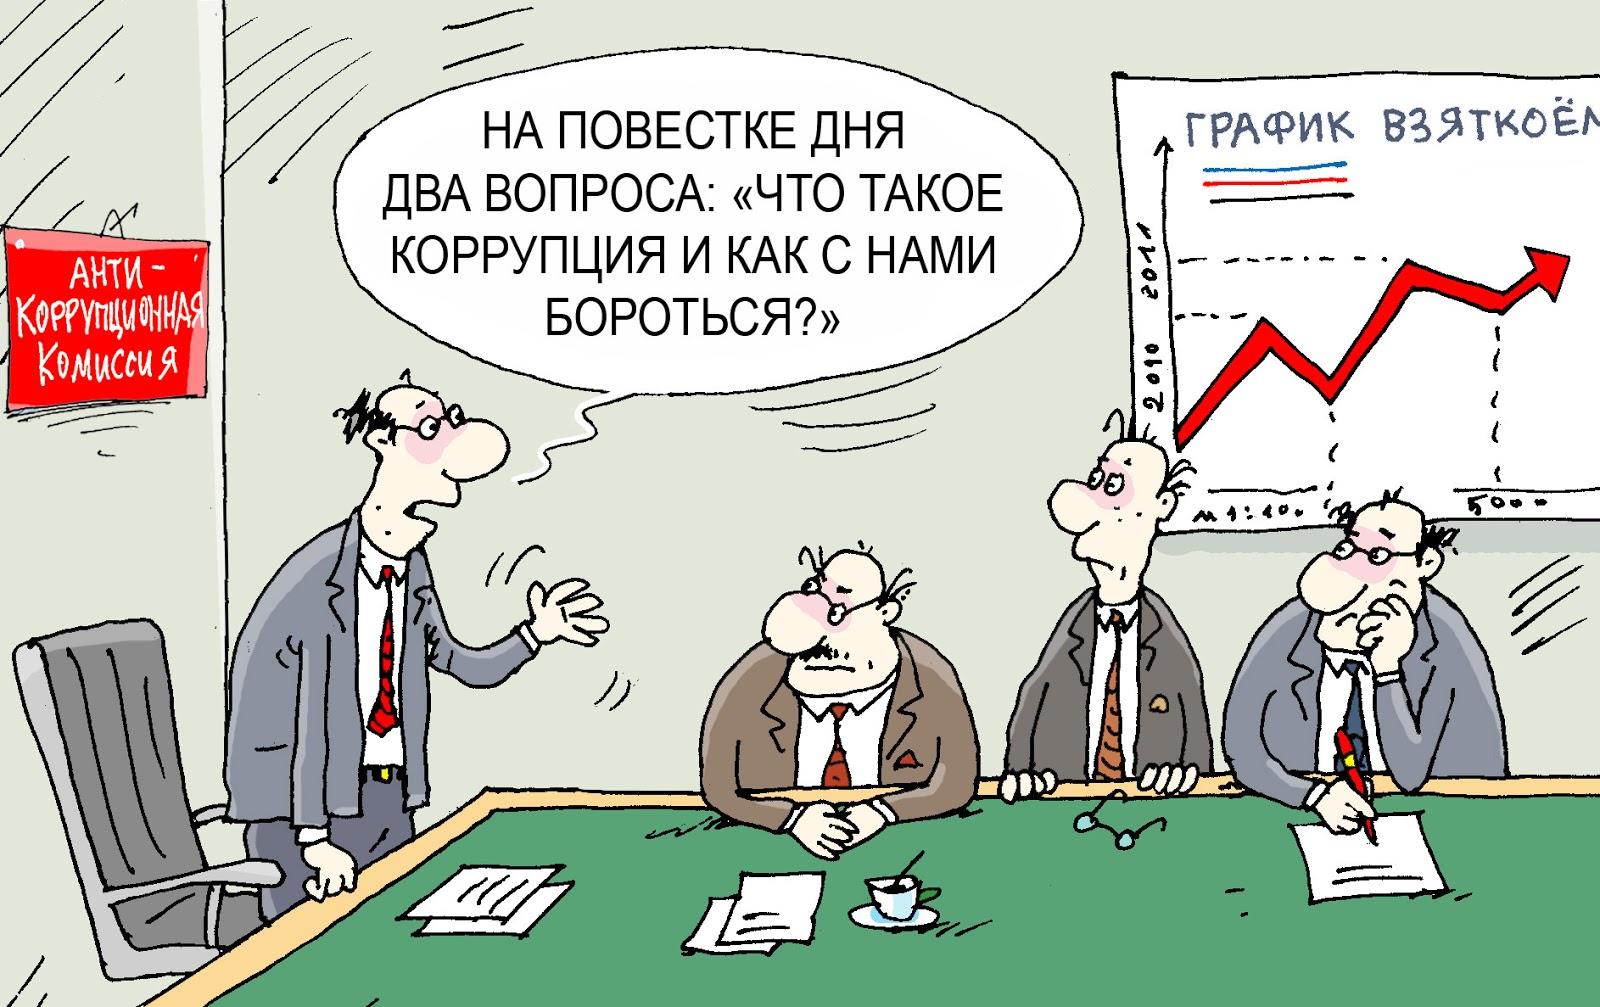 Карикатура на деятельность антикоррупционных комиссий